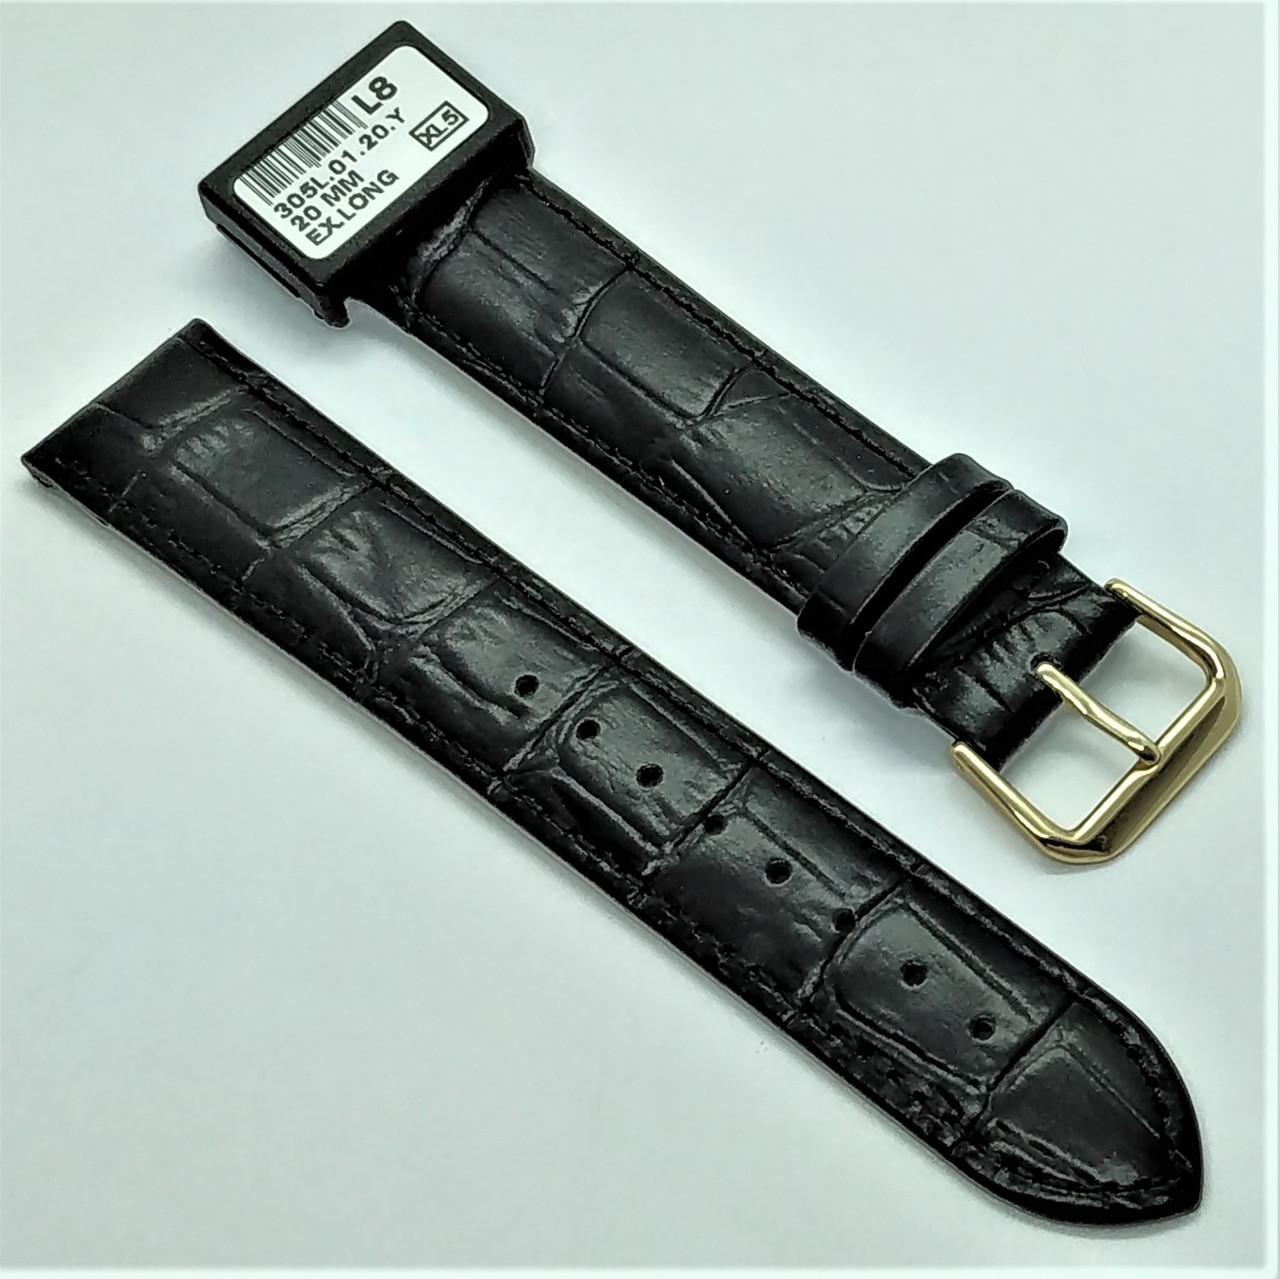 20 мм Кожаный Ремешок для часов CONDOR 305L.20.01 Черный Ремешок на часы из Натуральной кожи удлиненный